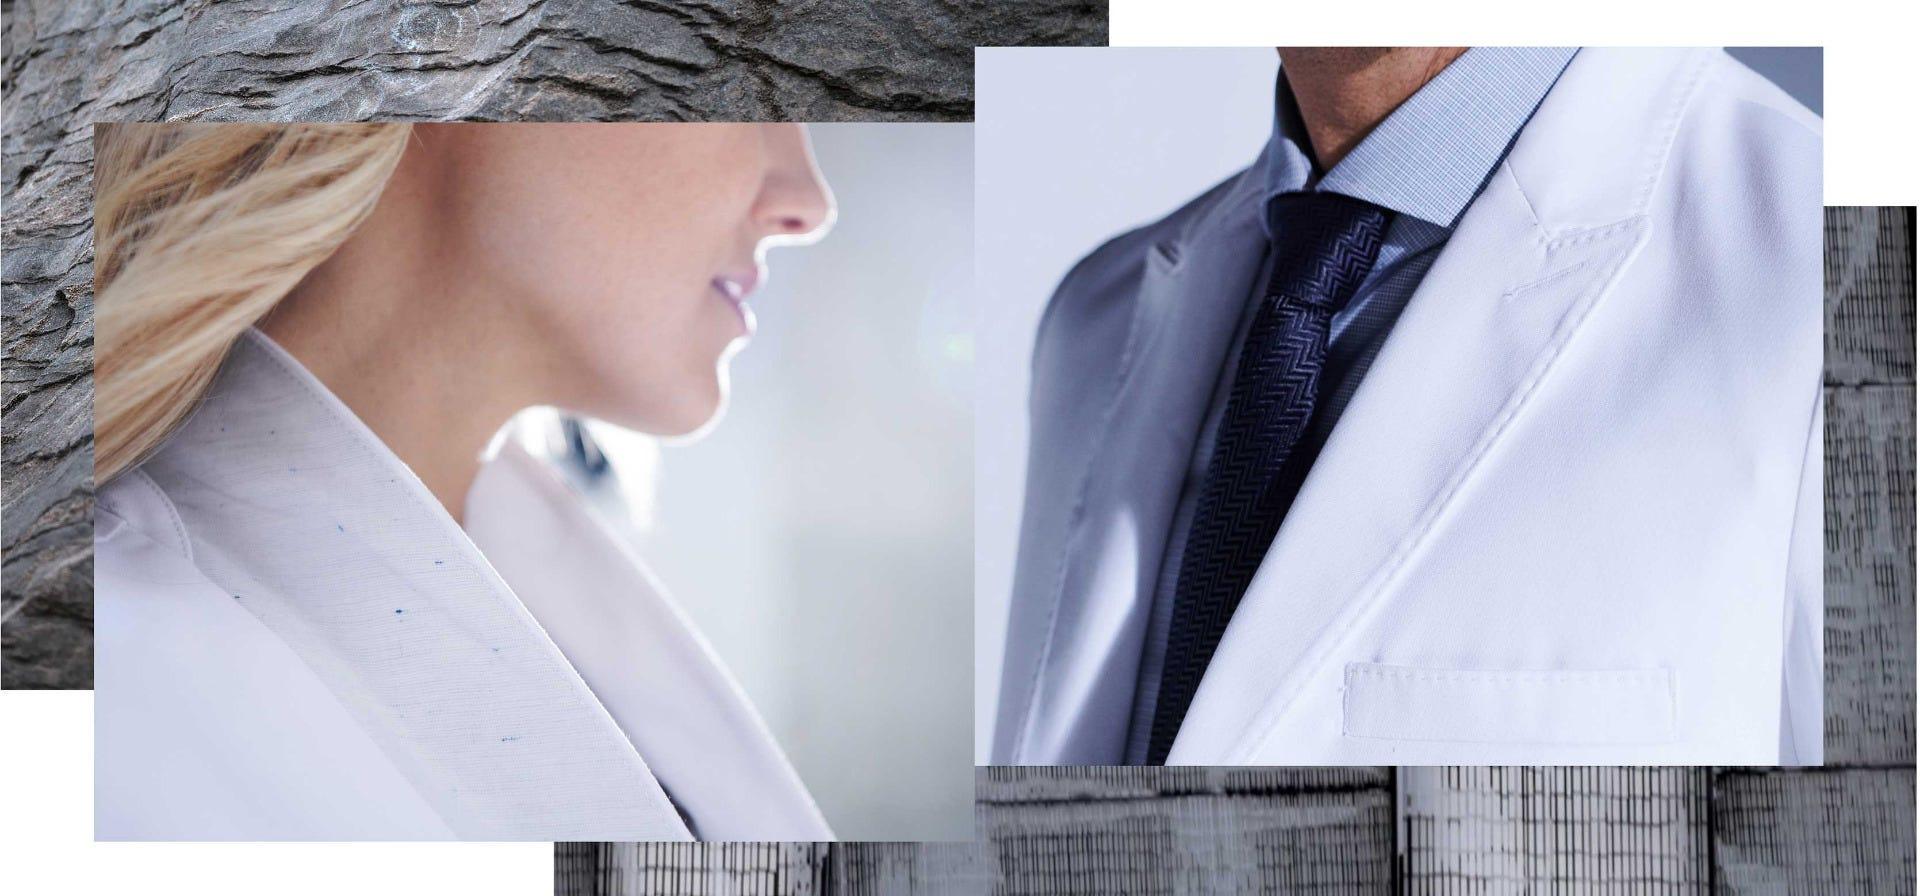 innovative lab coats